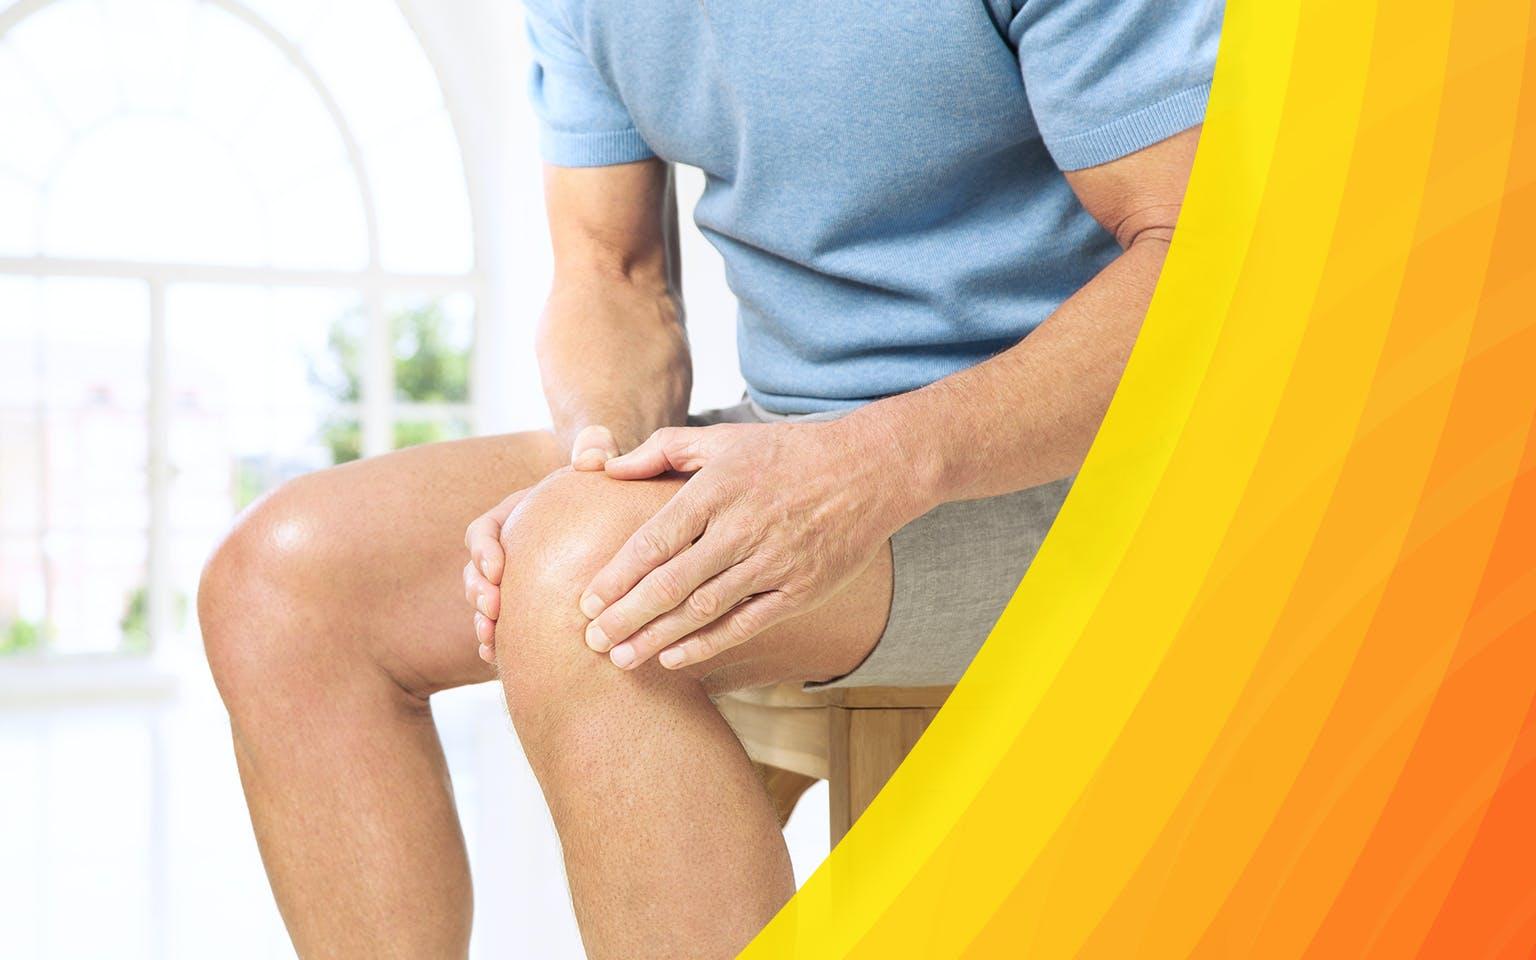 žmogaus sąnarių liga žmonėms alkis ir gydymas artrozės